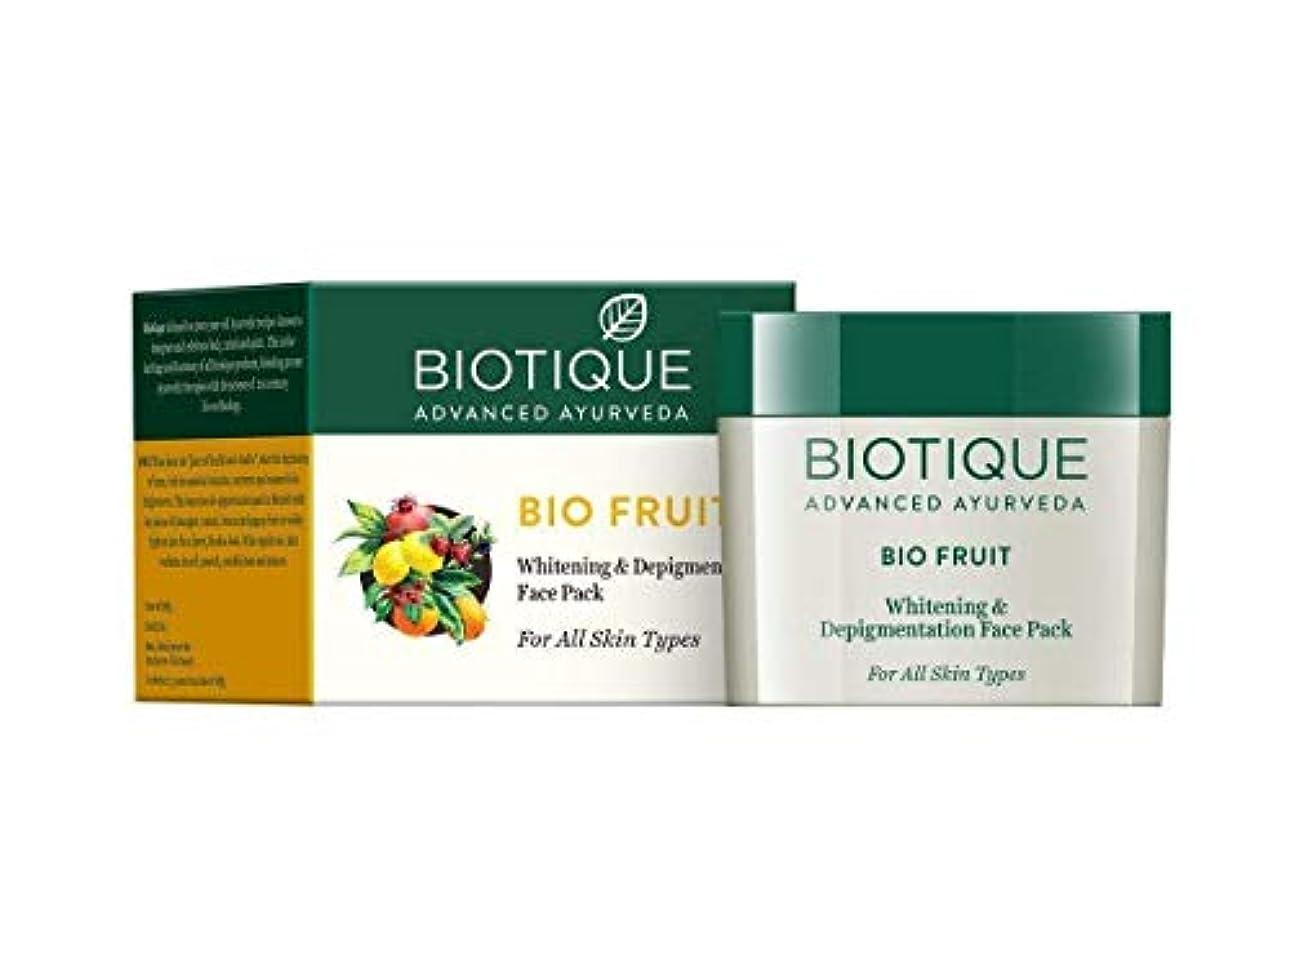 問い合わせる意味するアミューズメントBiotique Fruit Whitening & Depigmentation Face Pack 75g soft smooth Skin tone ビオティックフルーツホワイトニング&デピグメントフェイスパックソフトスムーススキントーン